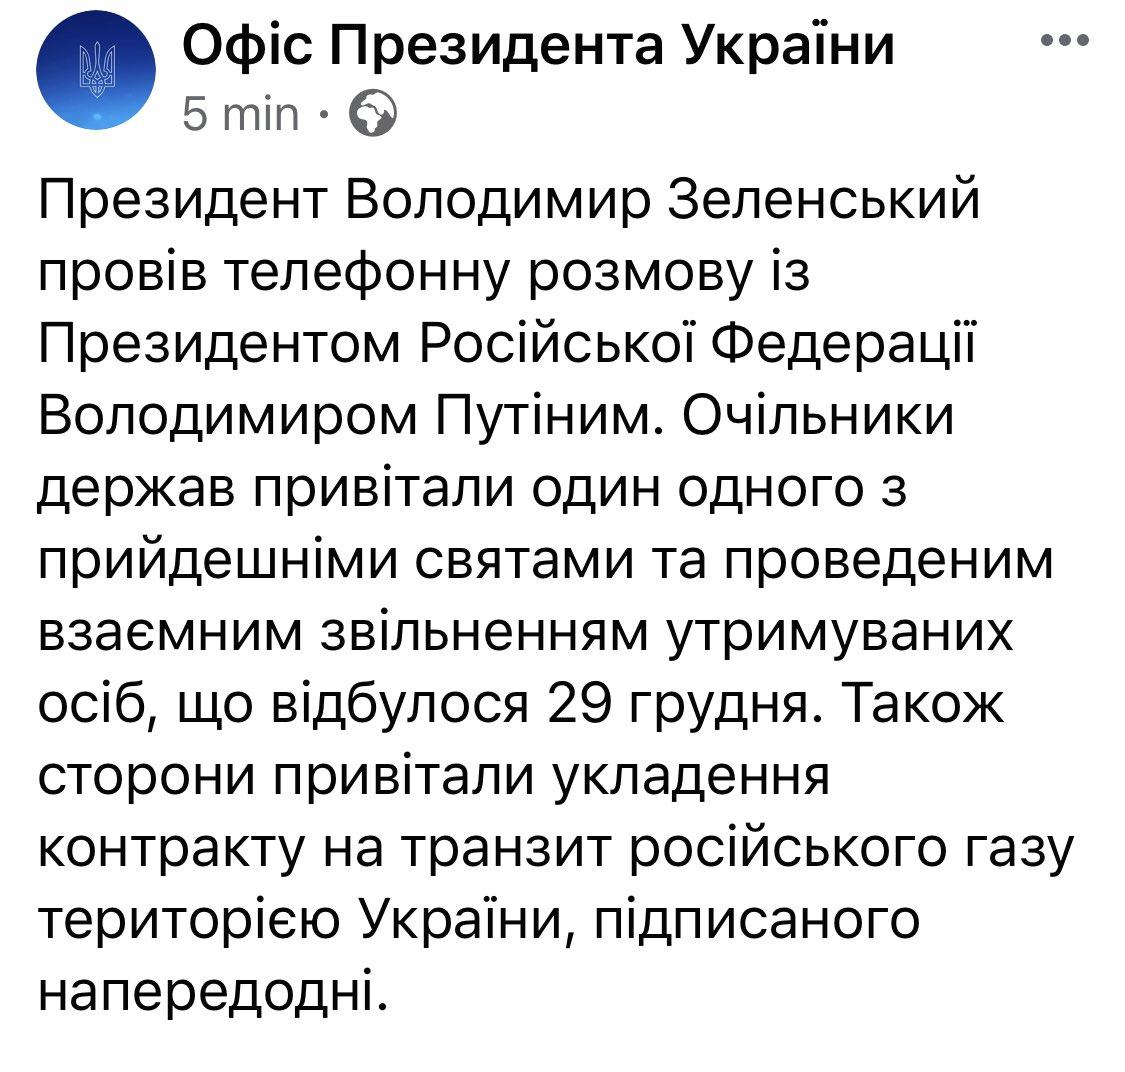 """Медведев о подписании контракта на транзит газа между Украиной и РФ: """"Все вопросы урегулированы, взаимные претензии прекращены"""" - Цензор.НЕТ 5982"""